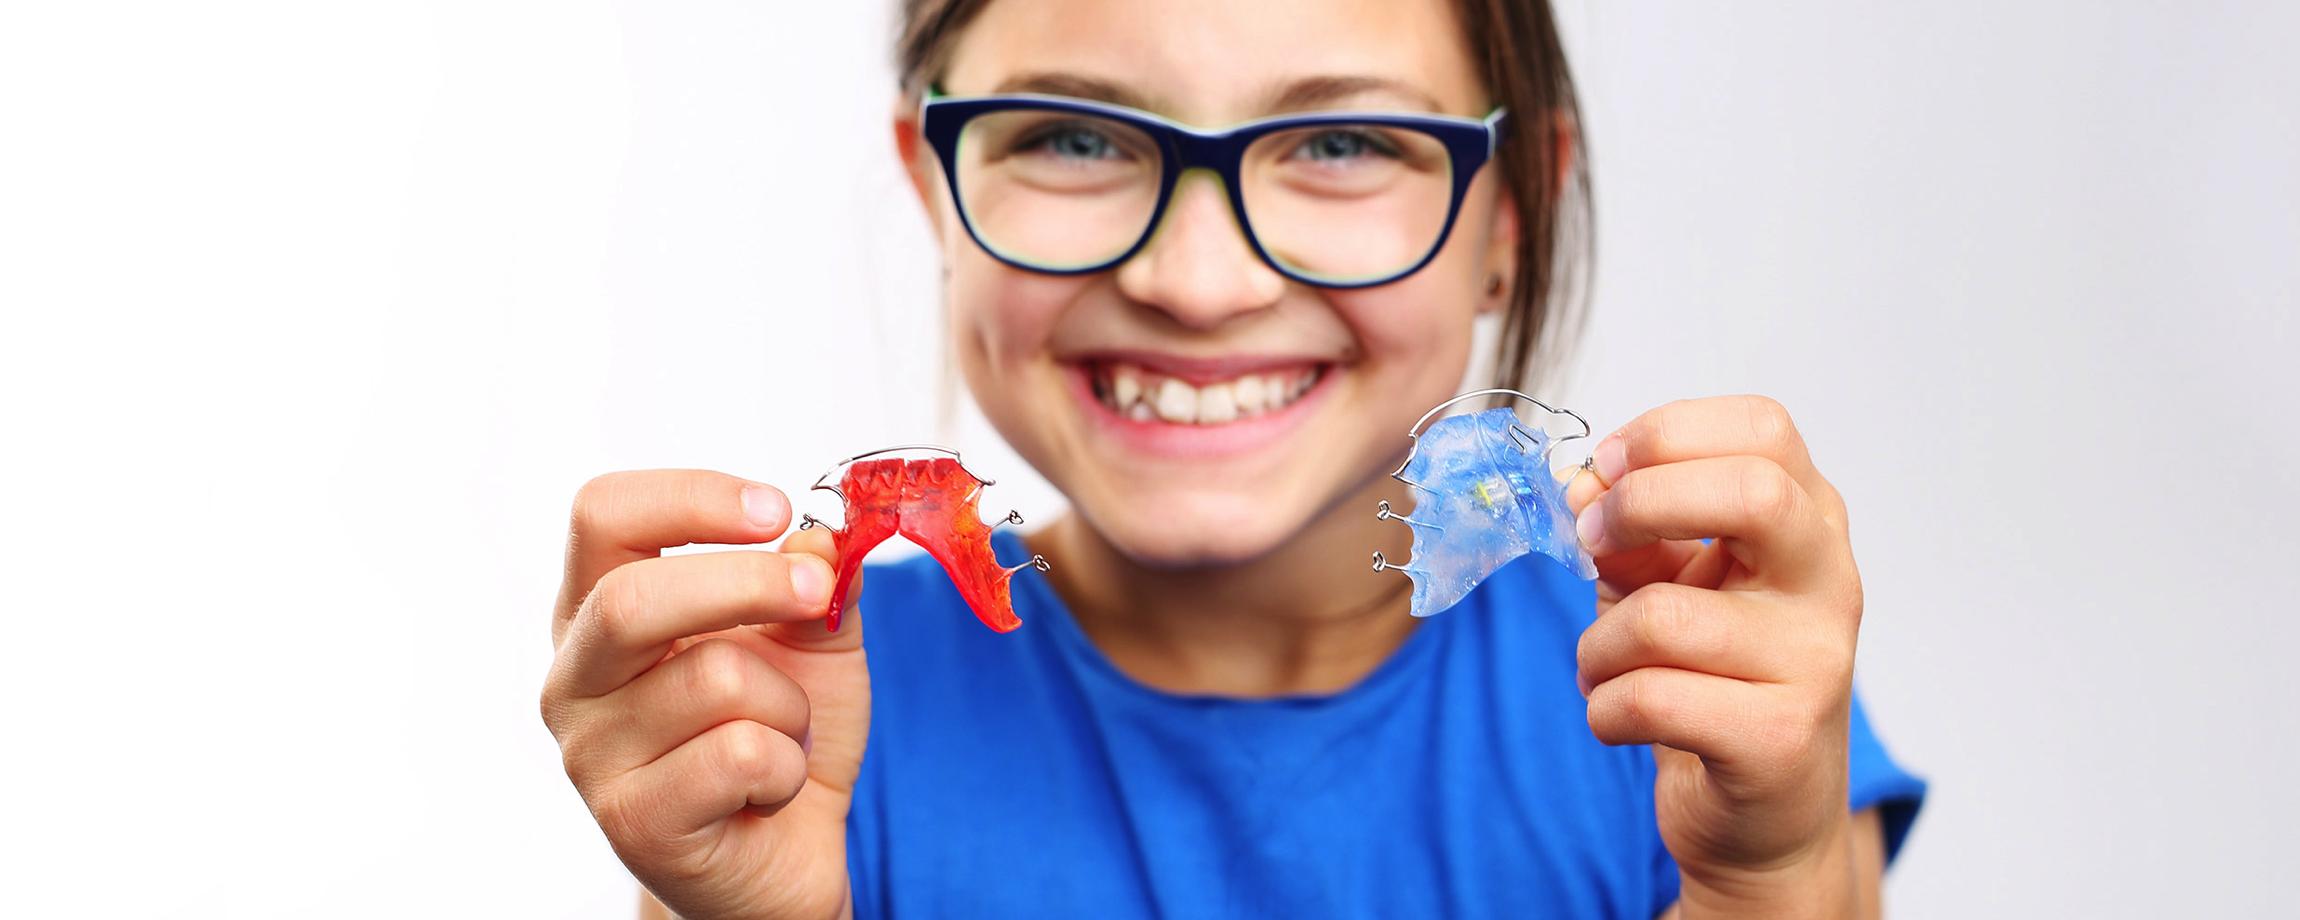 Fetiță zâmbind cu un aparat dentar în mână